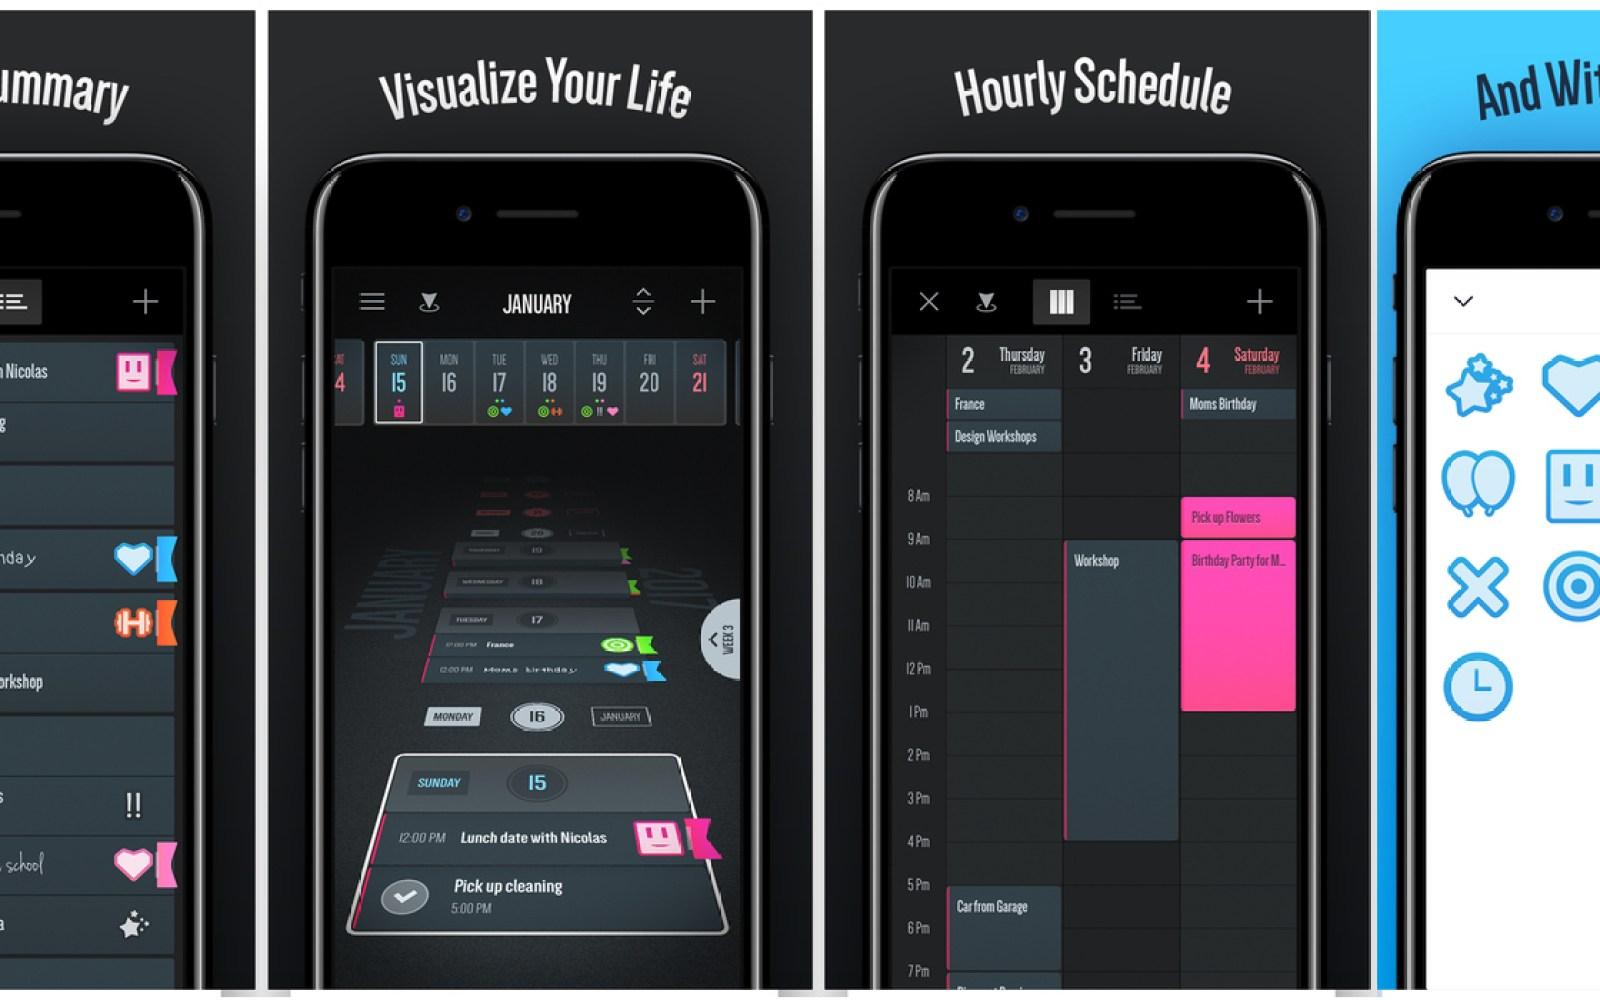 App Store Free App of the Week: the creative Vantage Calendar w/ iCloud sync goes free (Reg. $4)